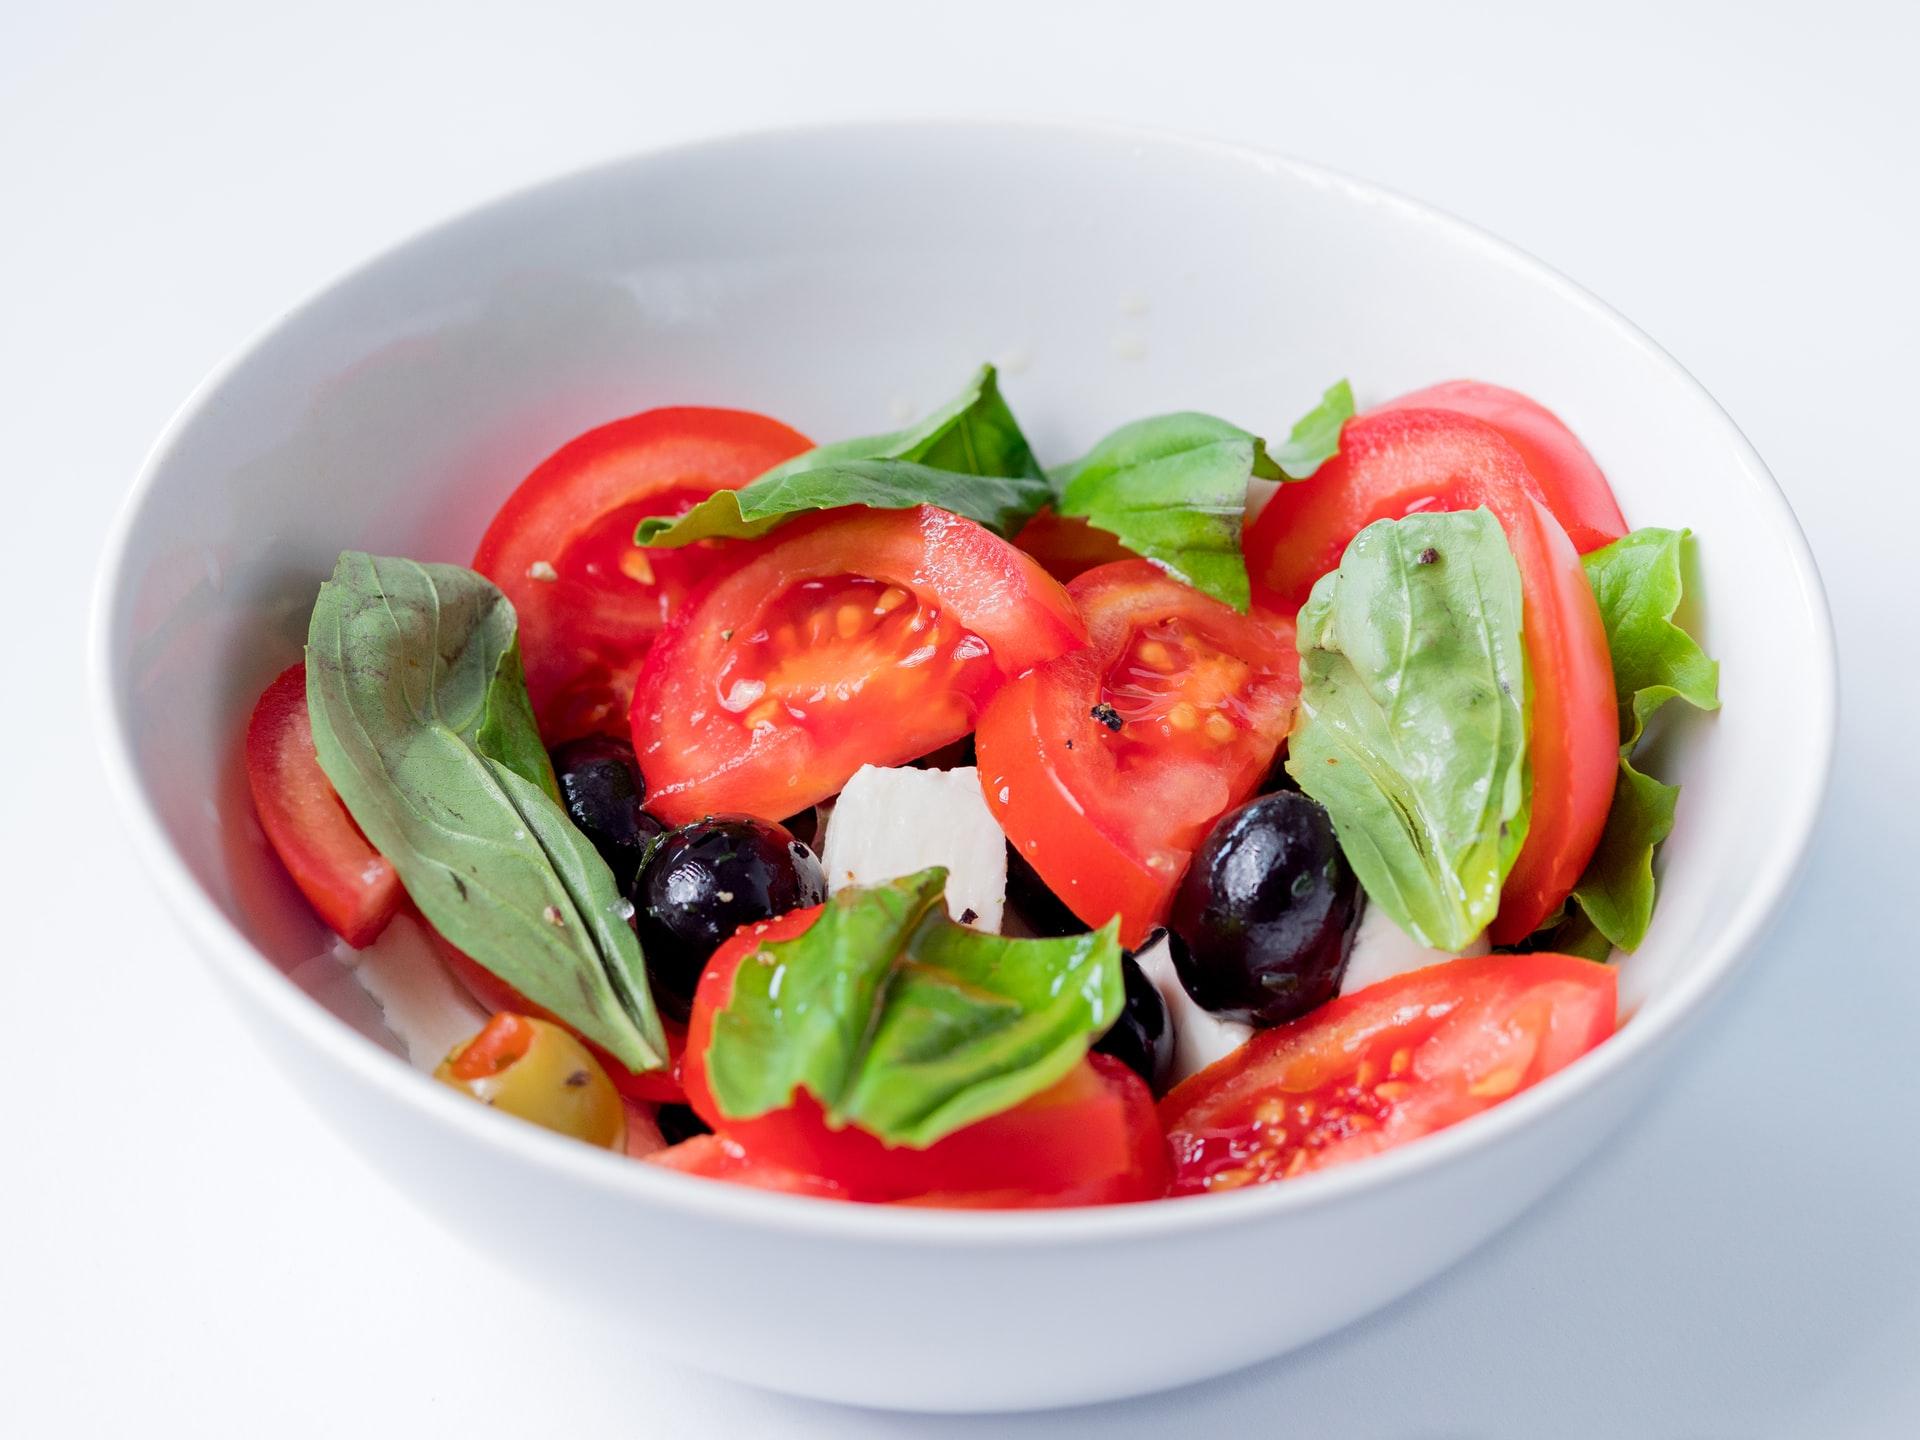 月經週期減肥法:忌冰品,深綠色蔬菜消水腫配圖